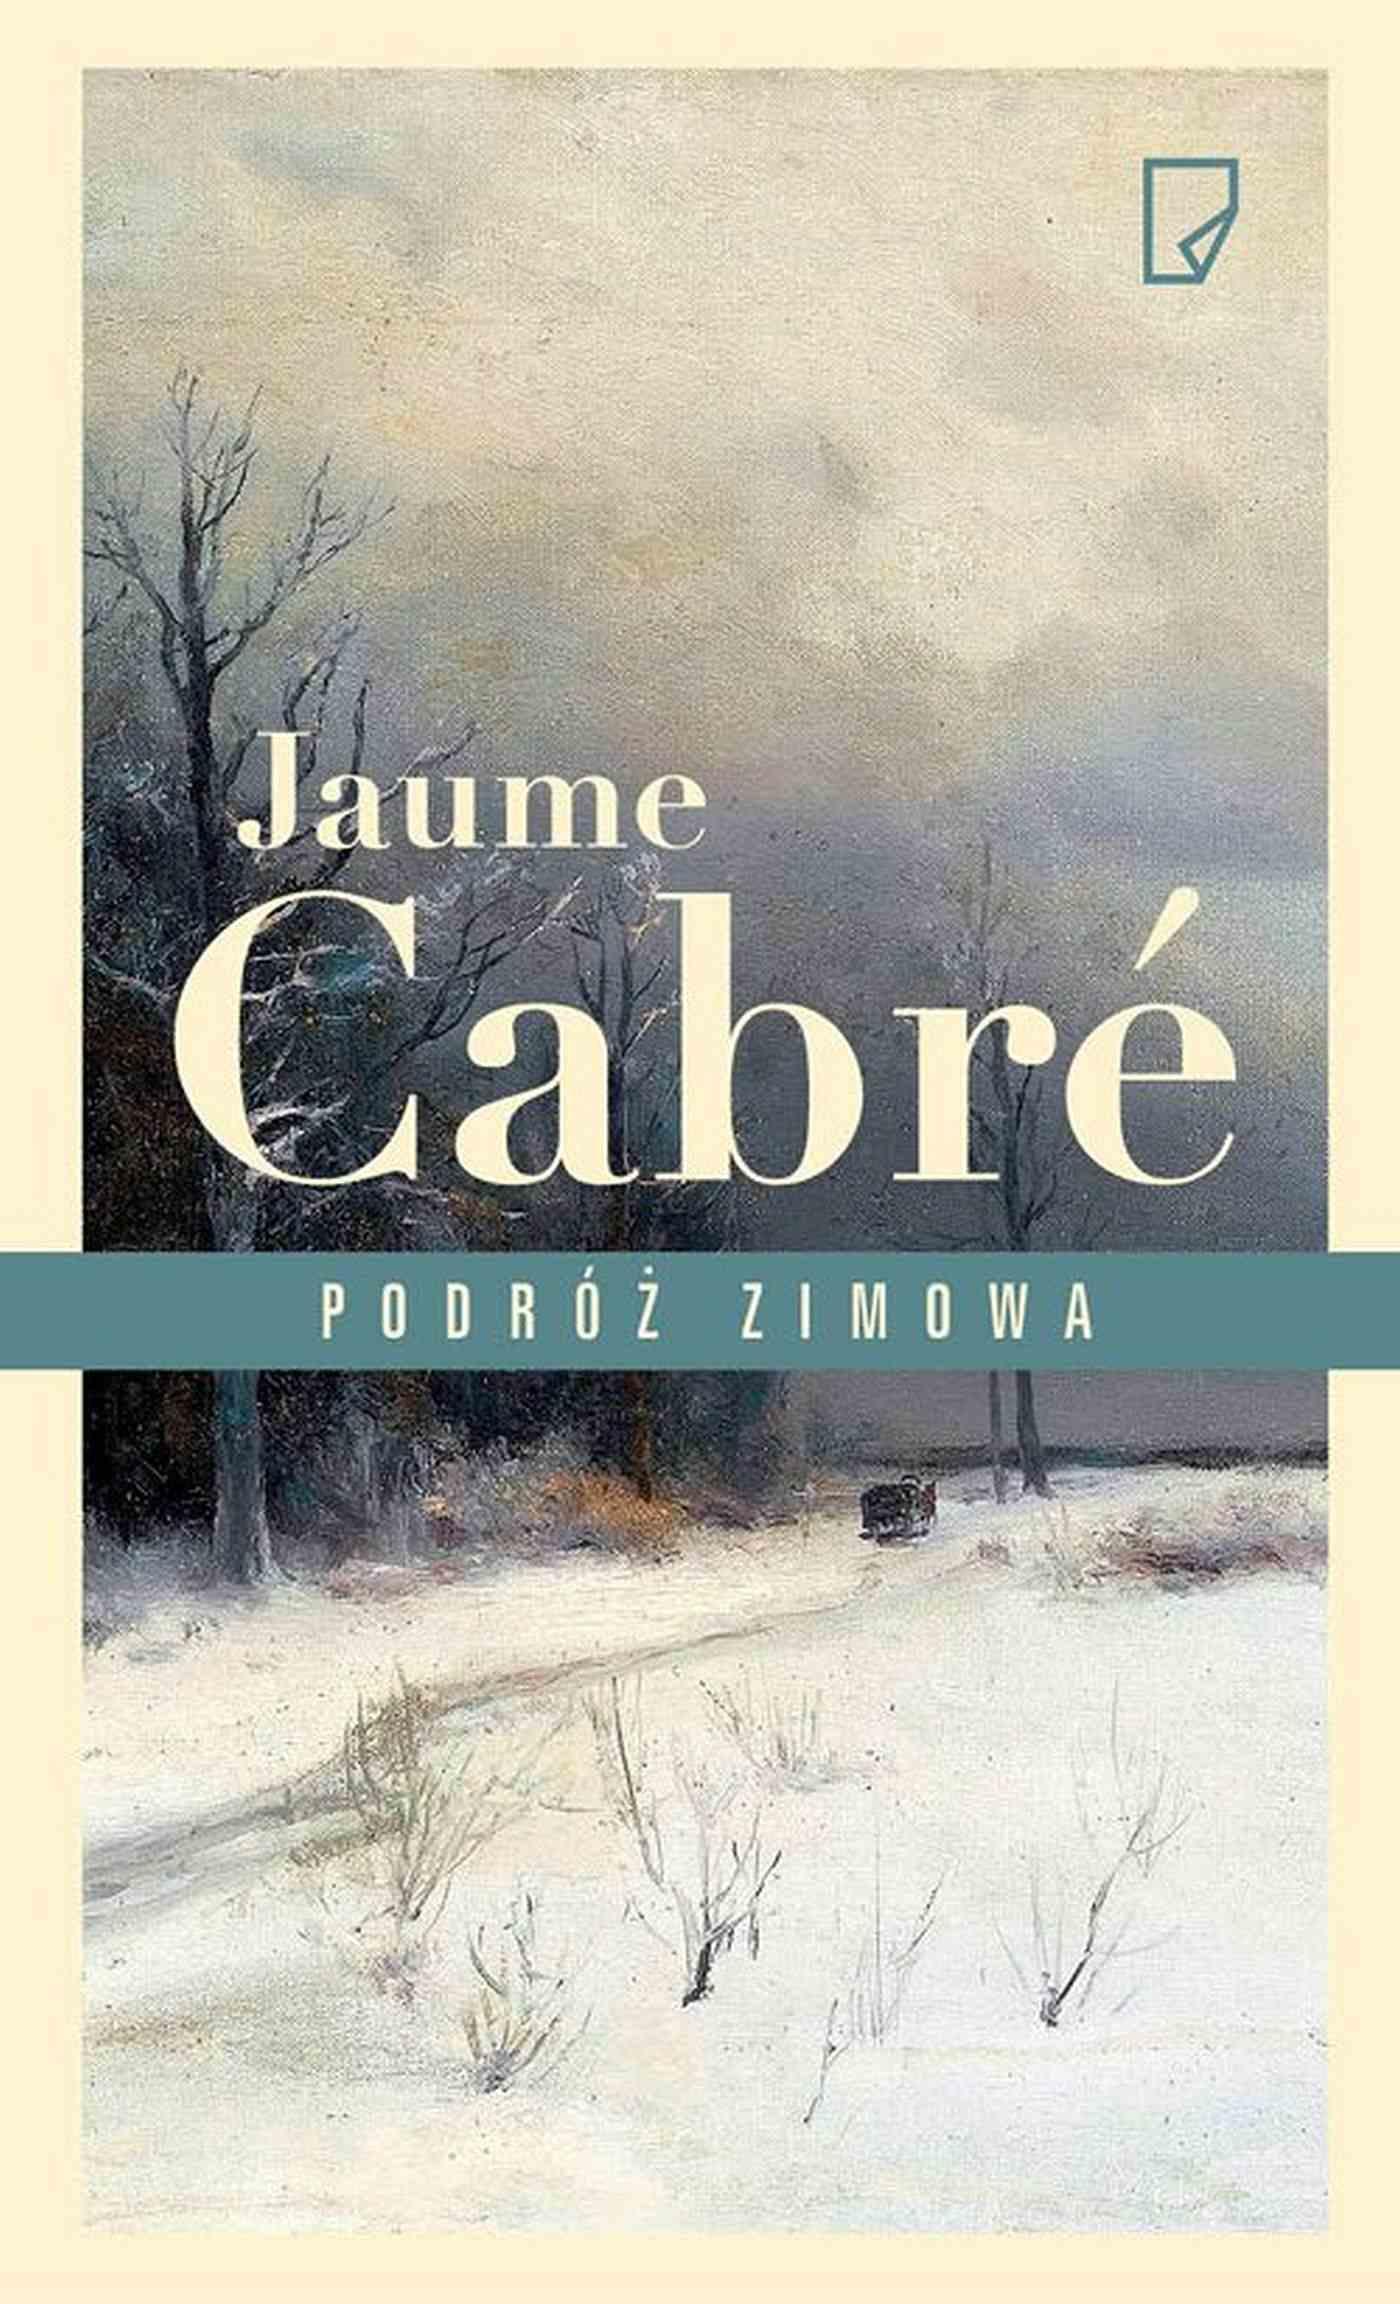 Podróż zimowa - Ebook (Książka EPUB) do pobrania w formacie EPUB